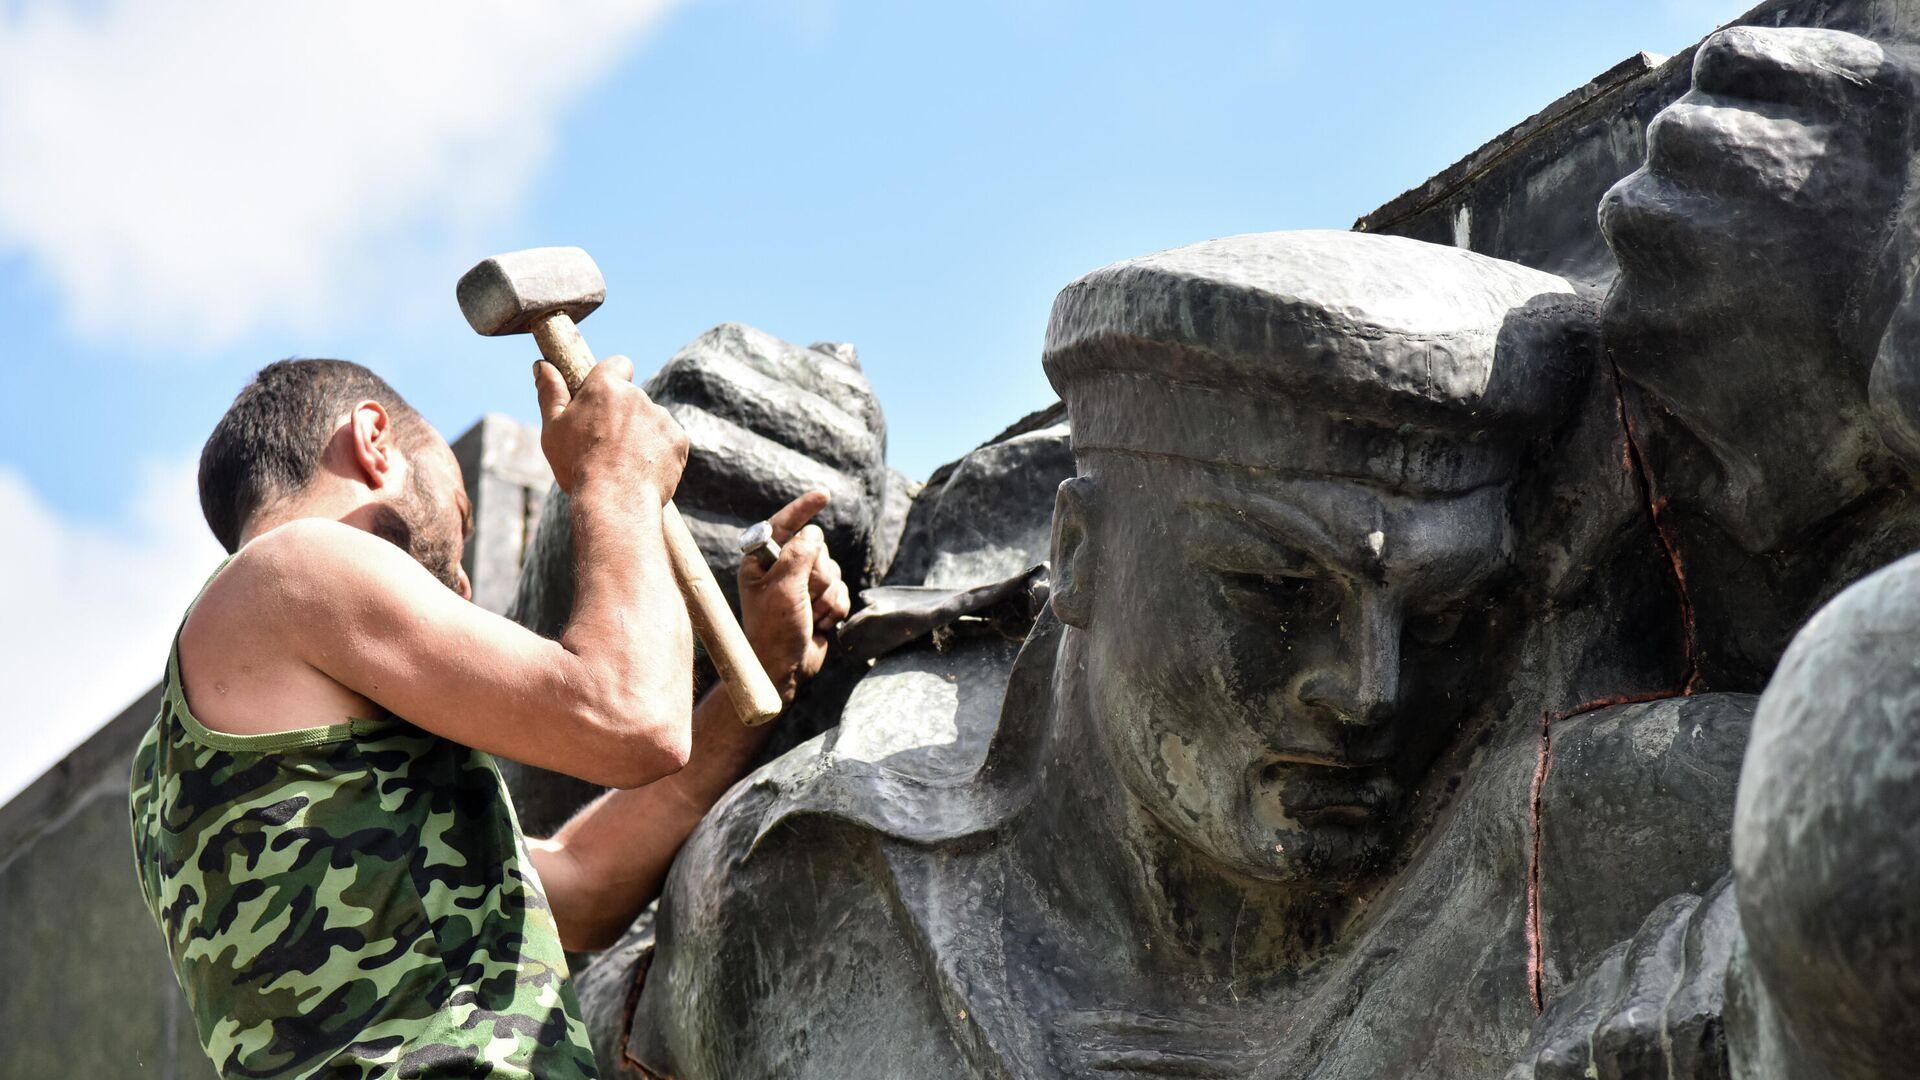 Ucraina, smantellamento di un monumento sovietico a Leopoli - Sputnik Italia, 1920, 10.06.2021